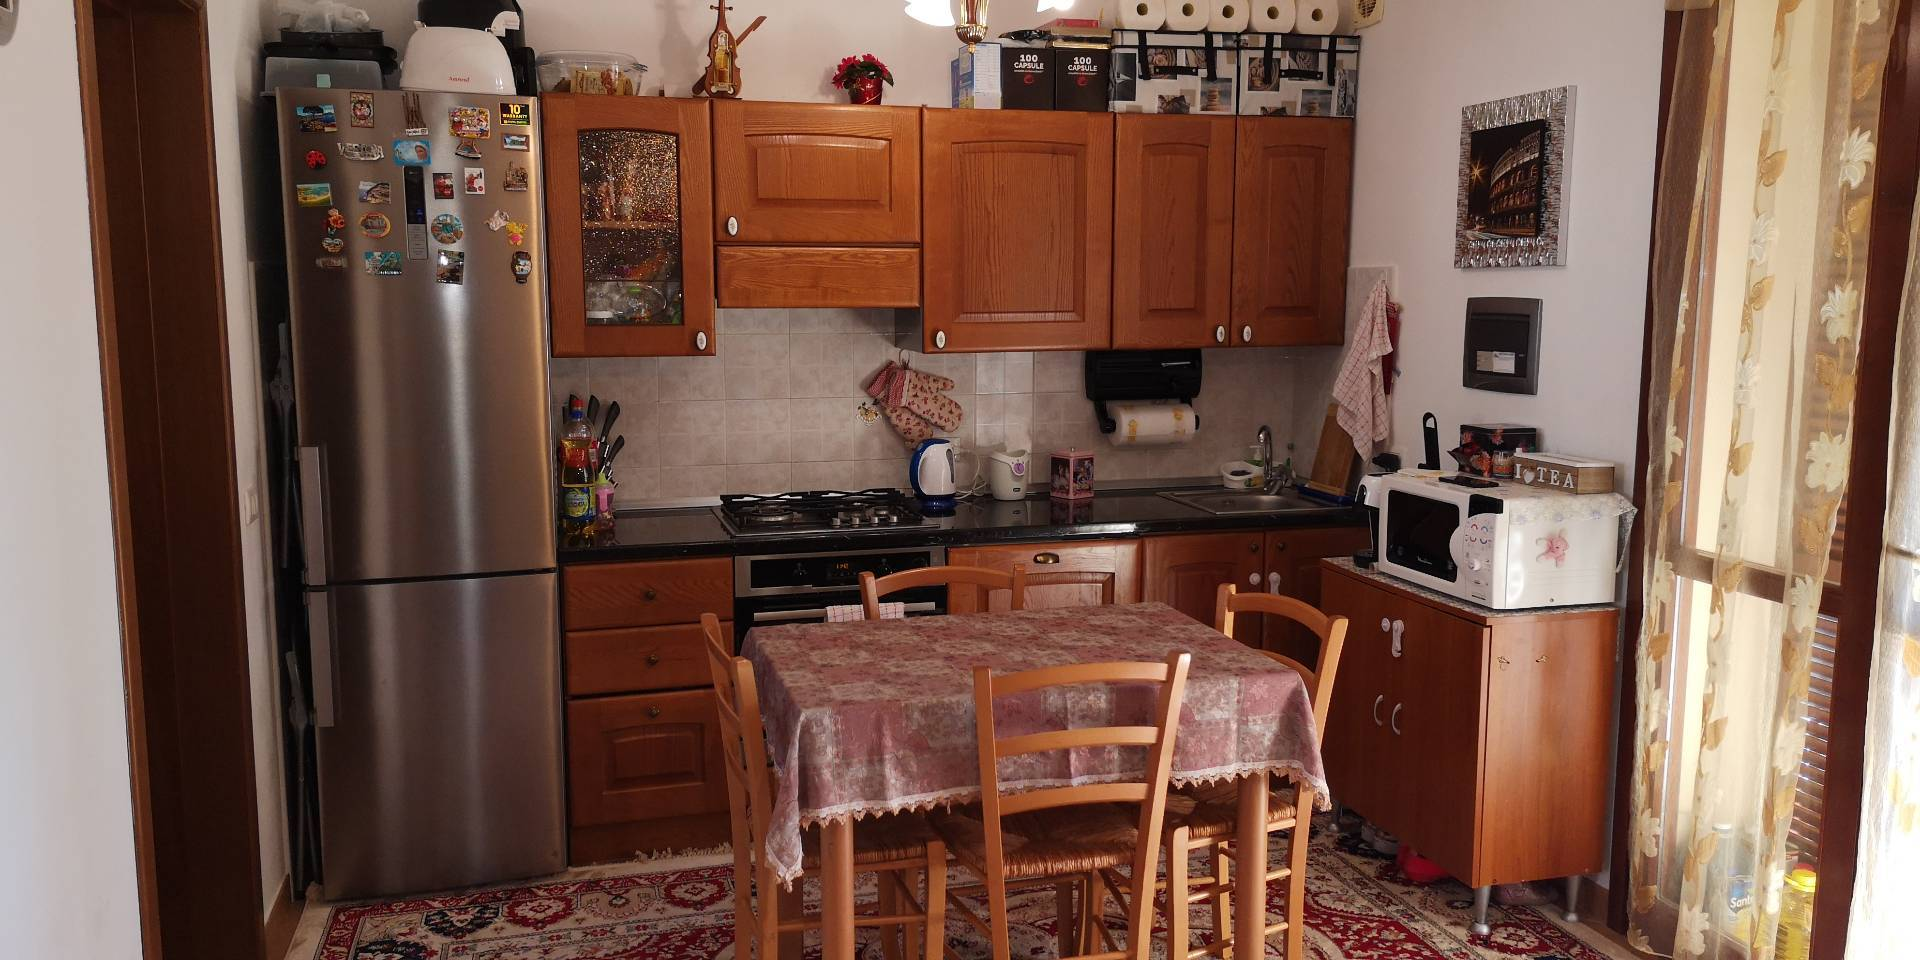 Appartamento in vendita a Ravenna, 3 locali, zona Località: VillanovadiRavenna, prezzo € 67.000   PortaleAgenzieImmobiliari.it